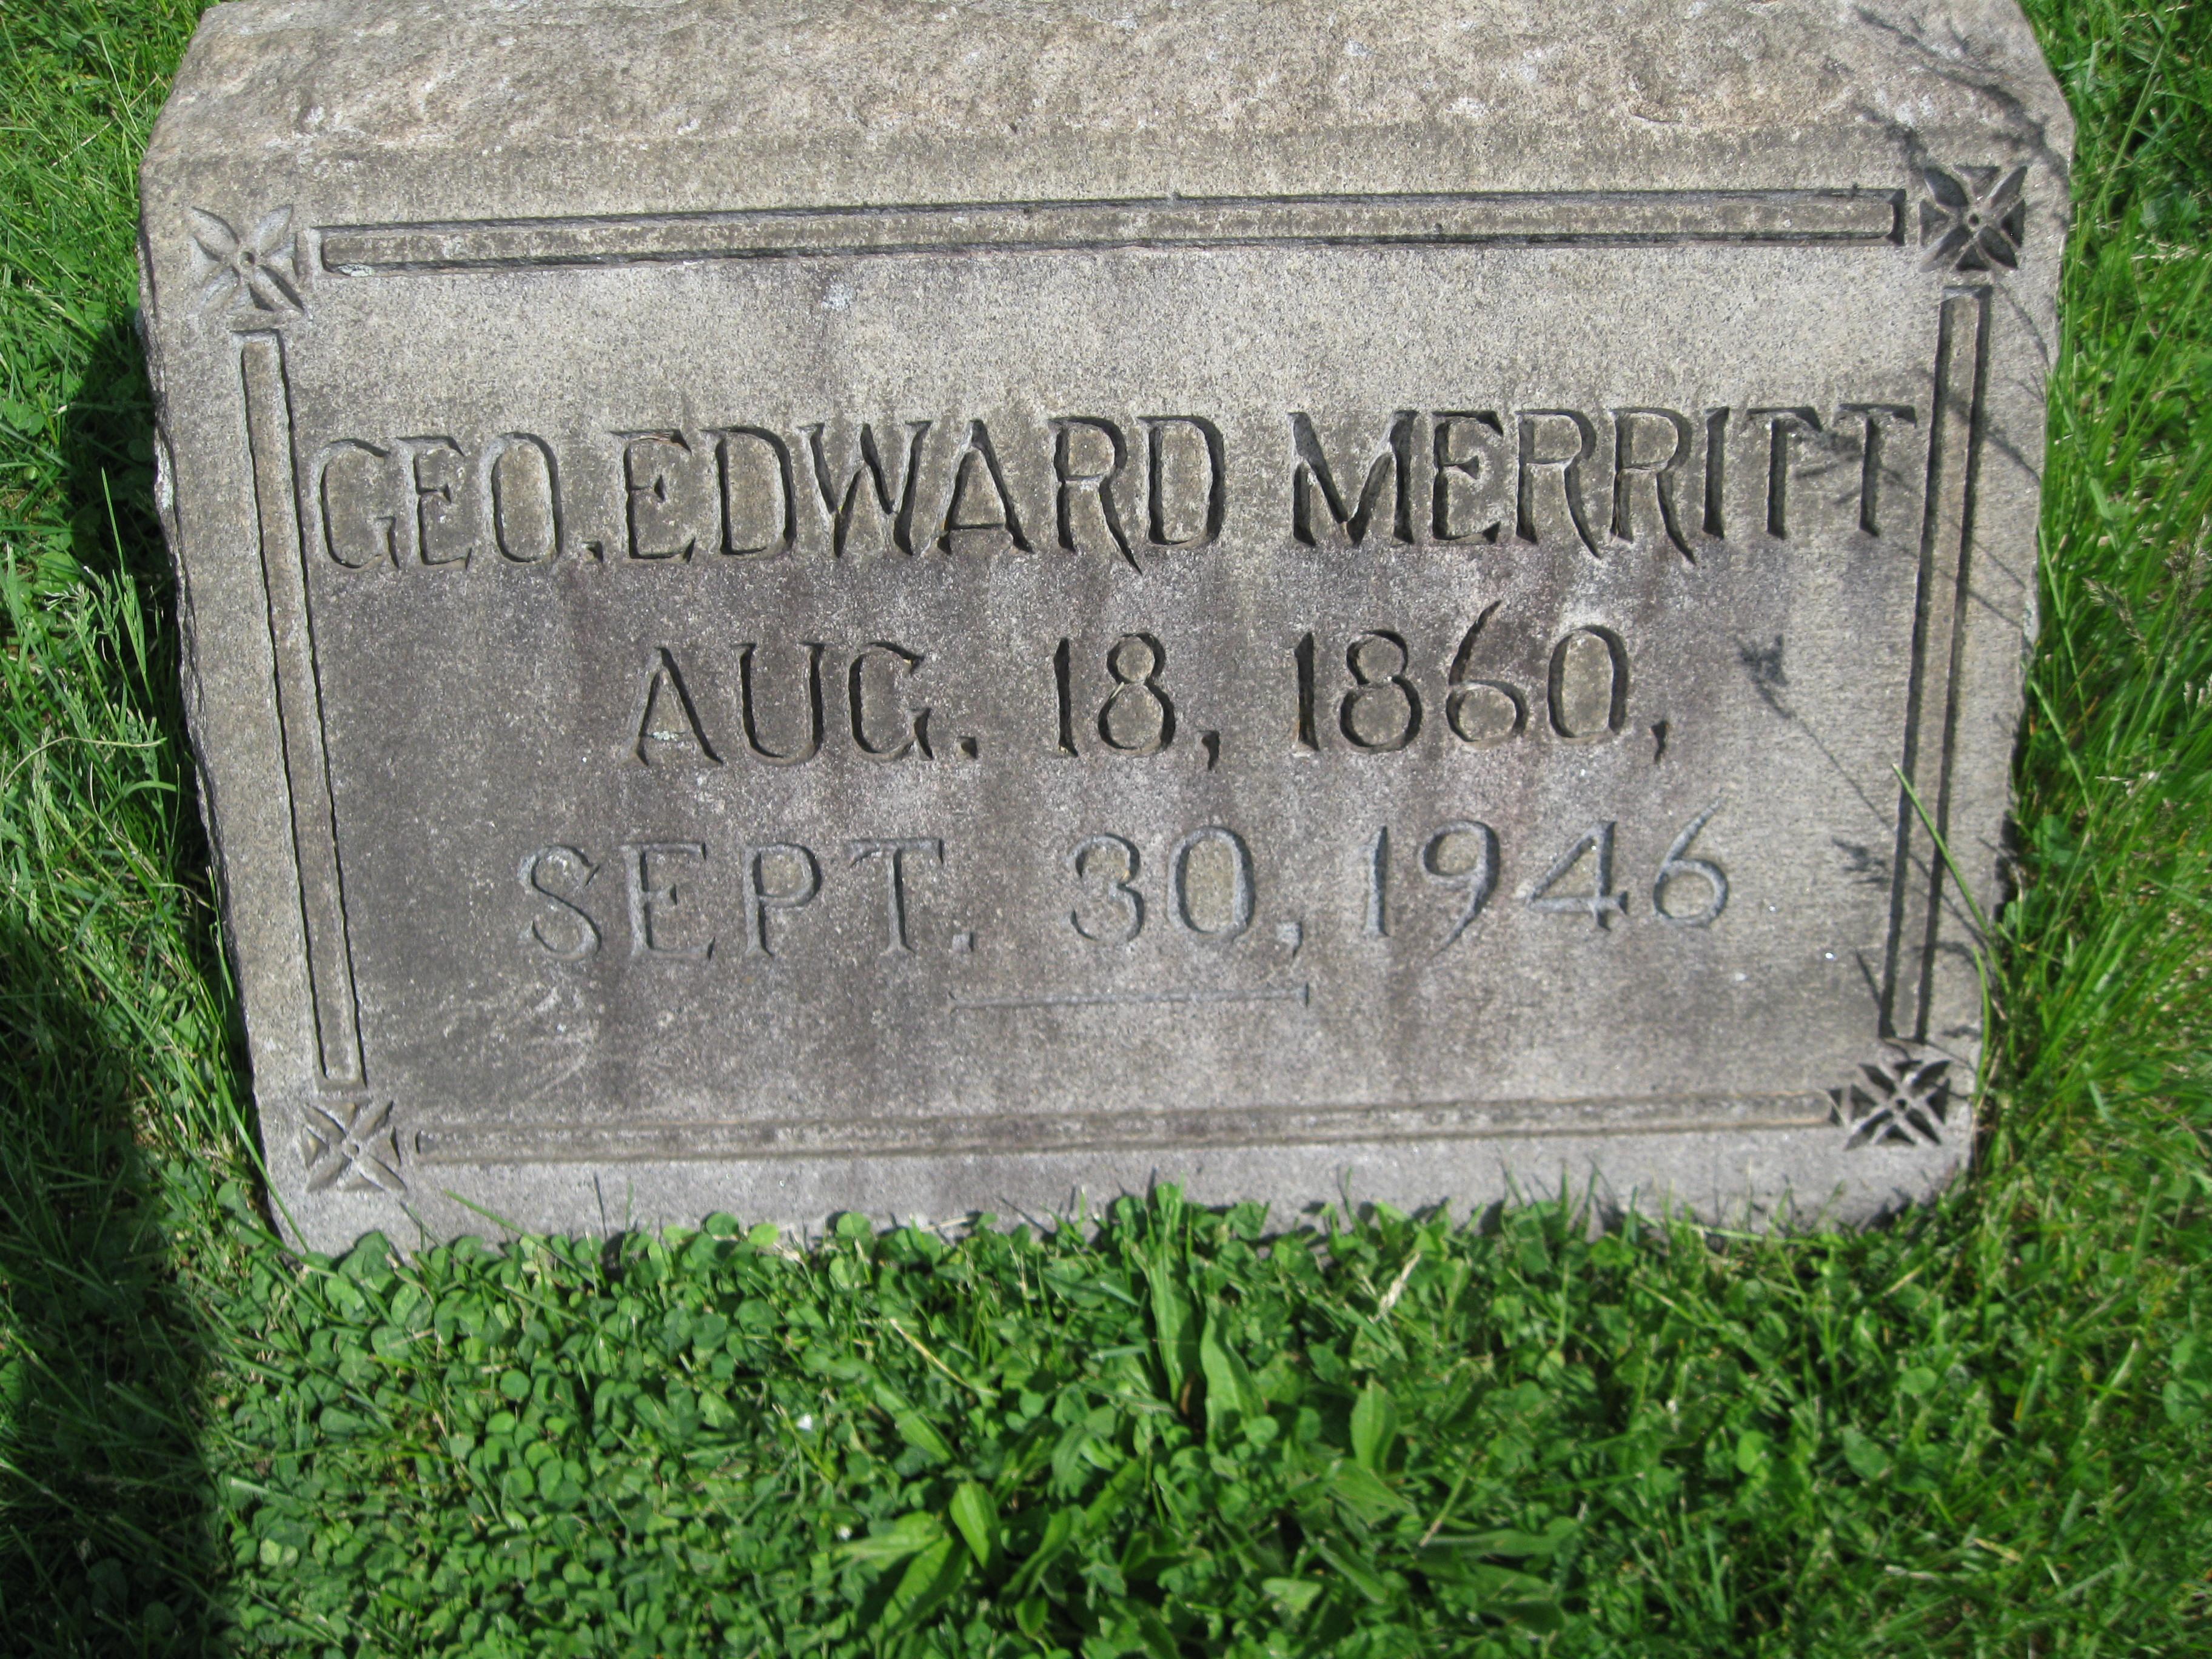 Edward R Merritt